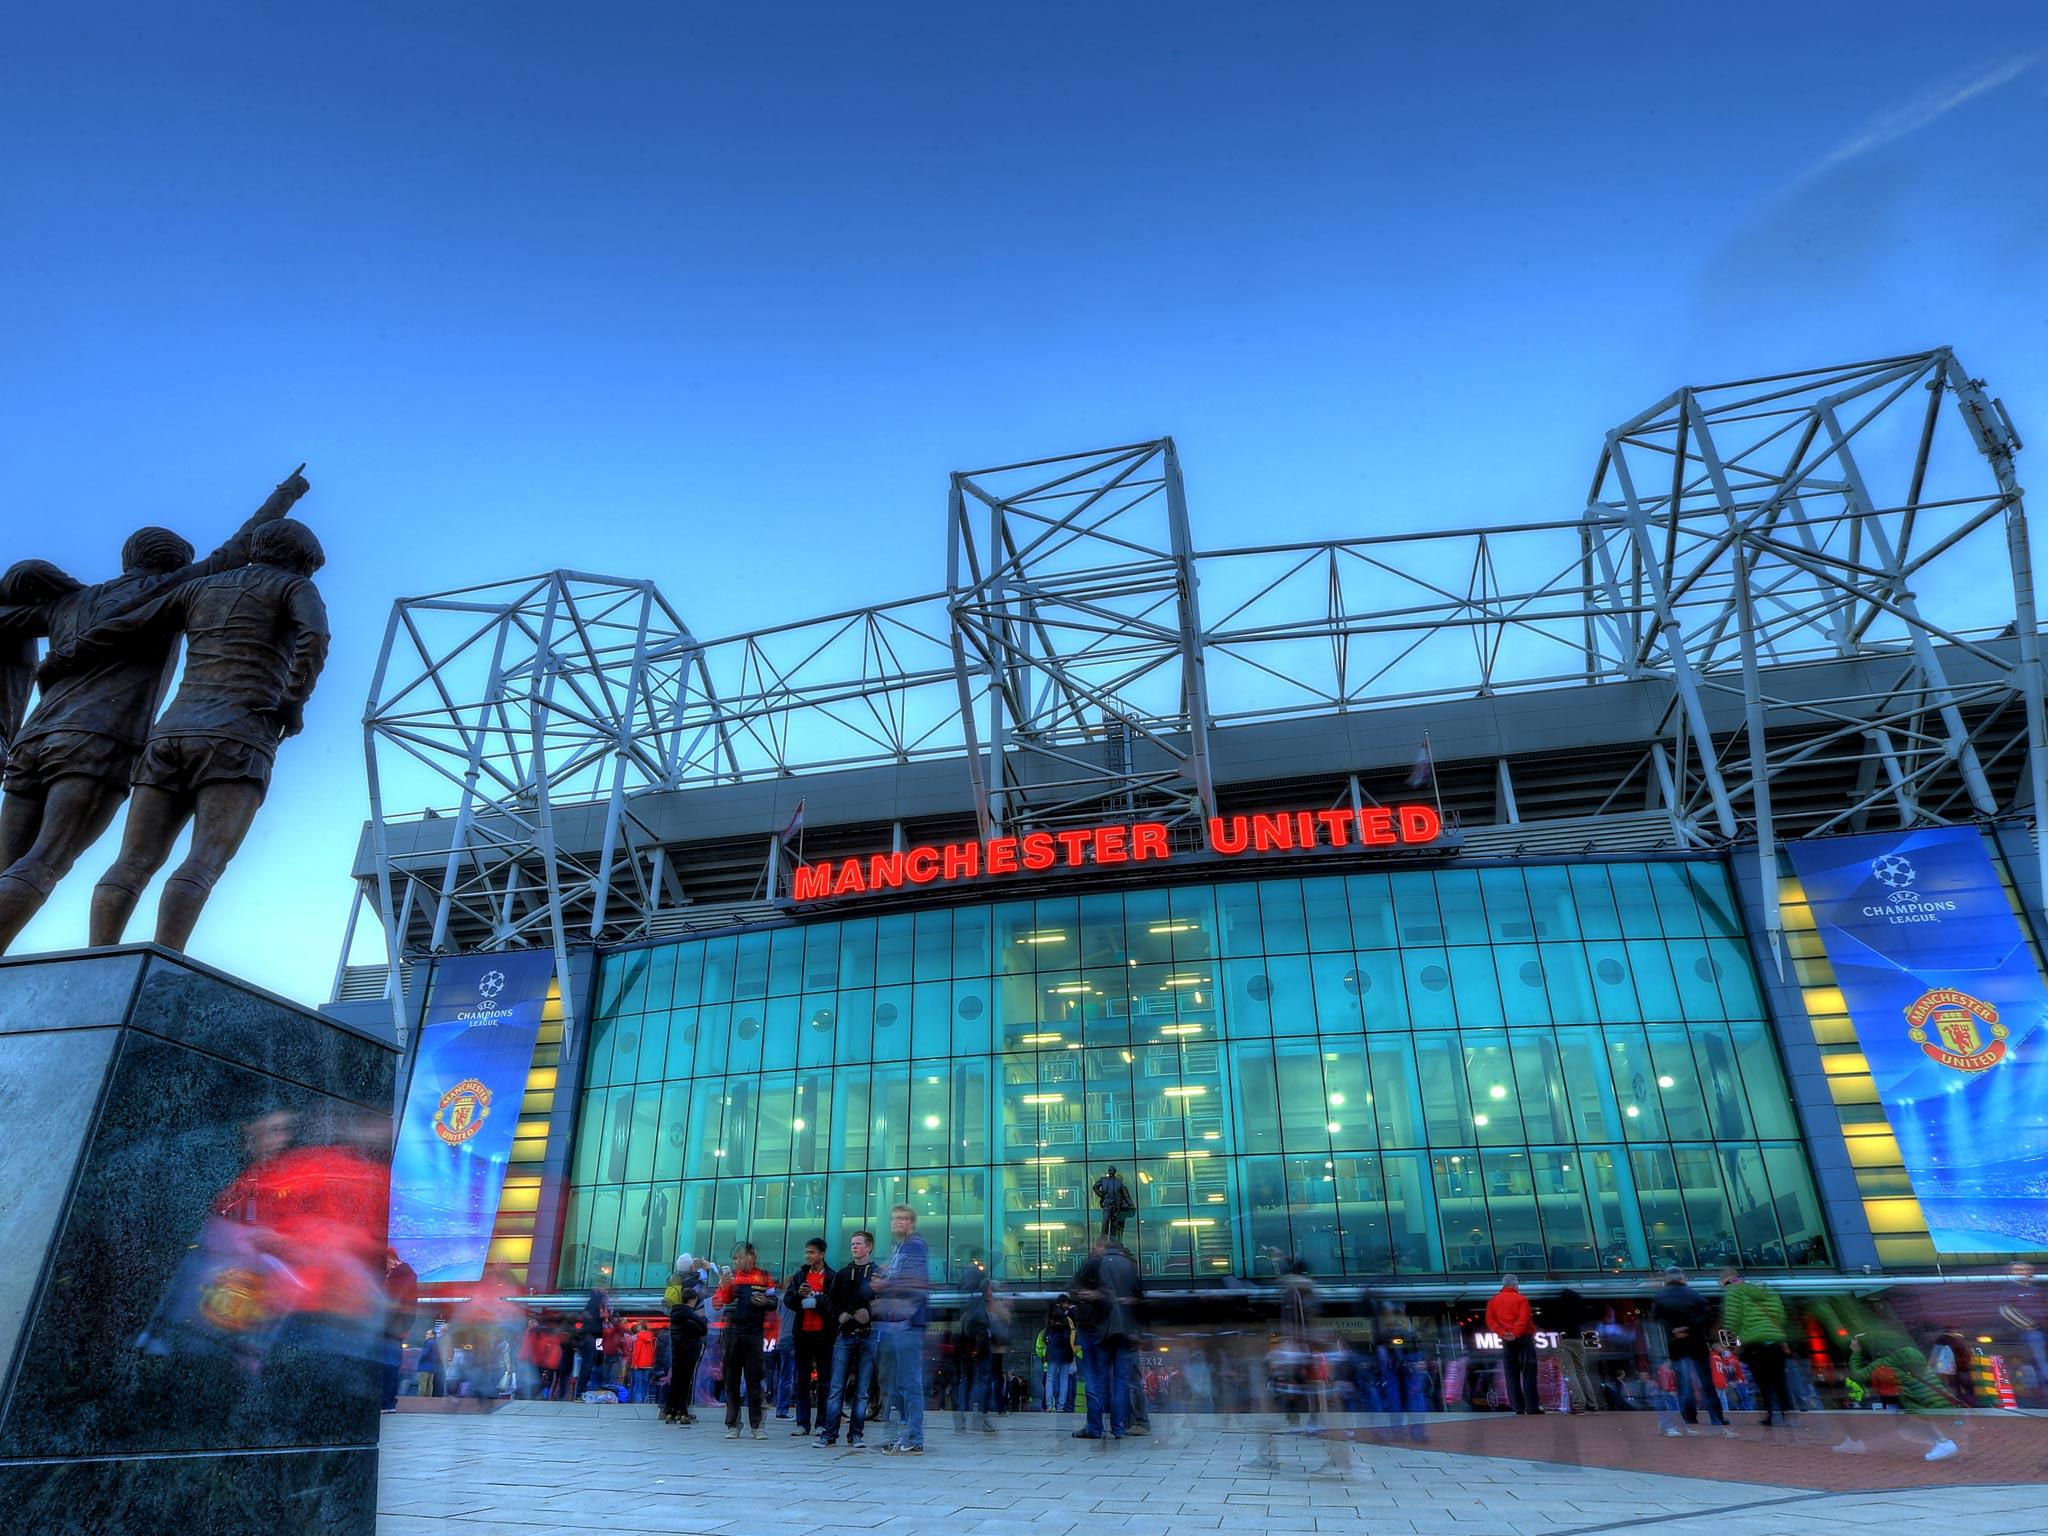 Doanh thu của Manchester United tăng cao nhờ Champions League   Bóng đá    Vietnam+ (VietnamPlus)